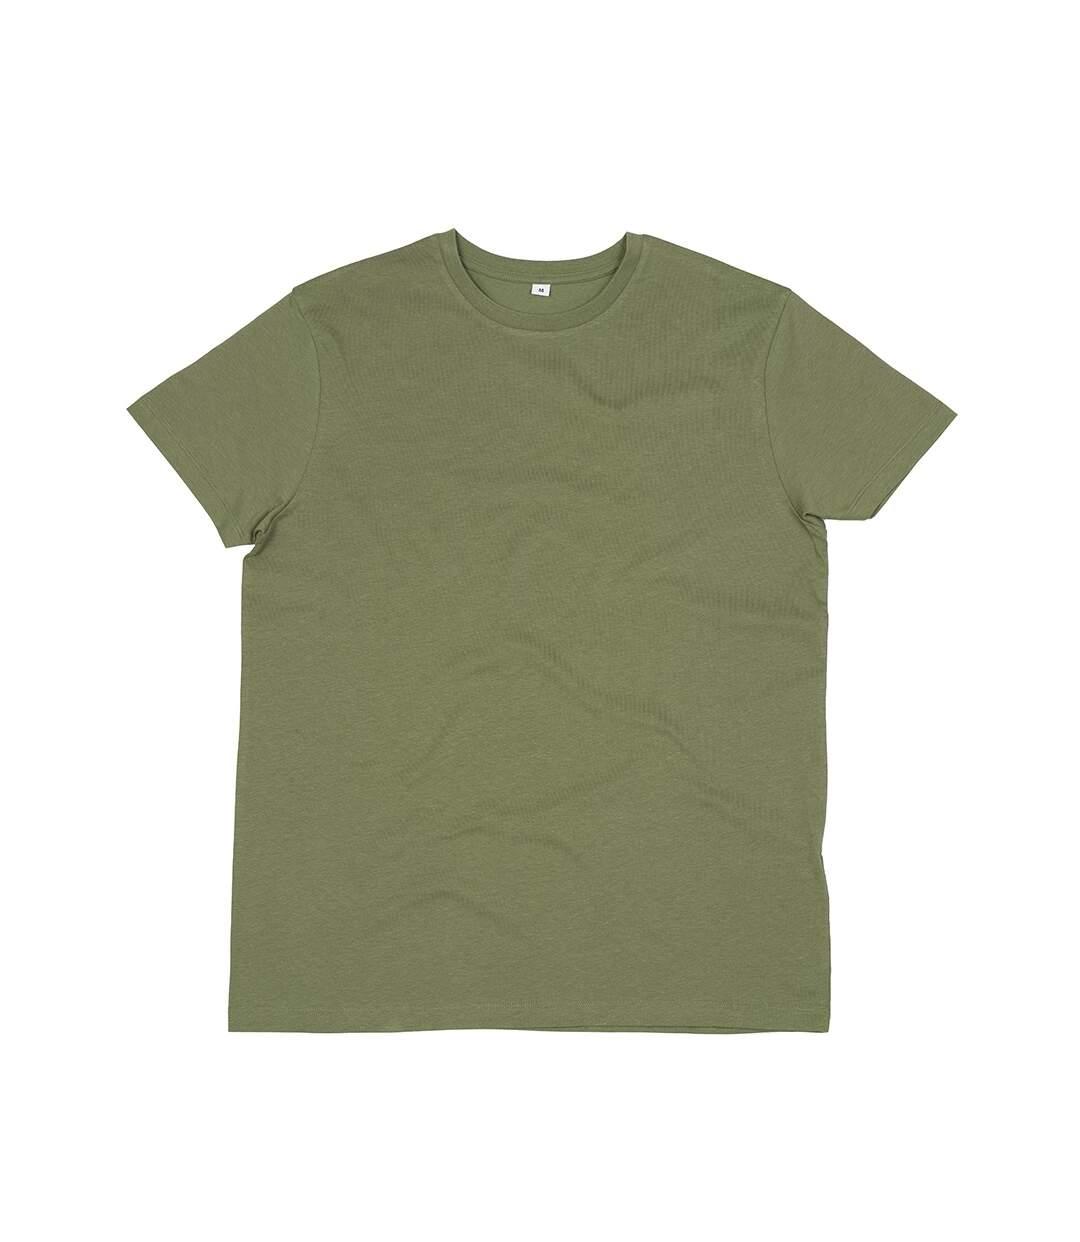 Mantis Mens Organic T-Shirt (Soft Olive) - UTPC3964